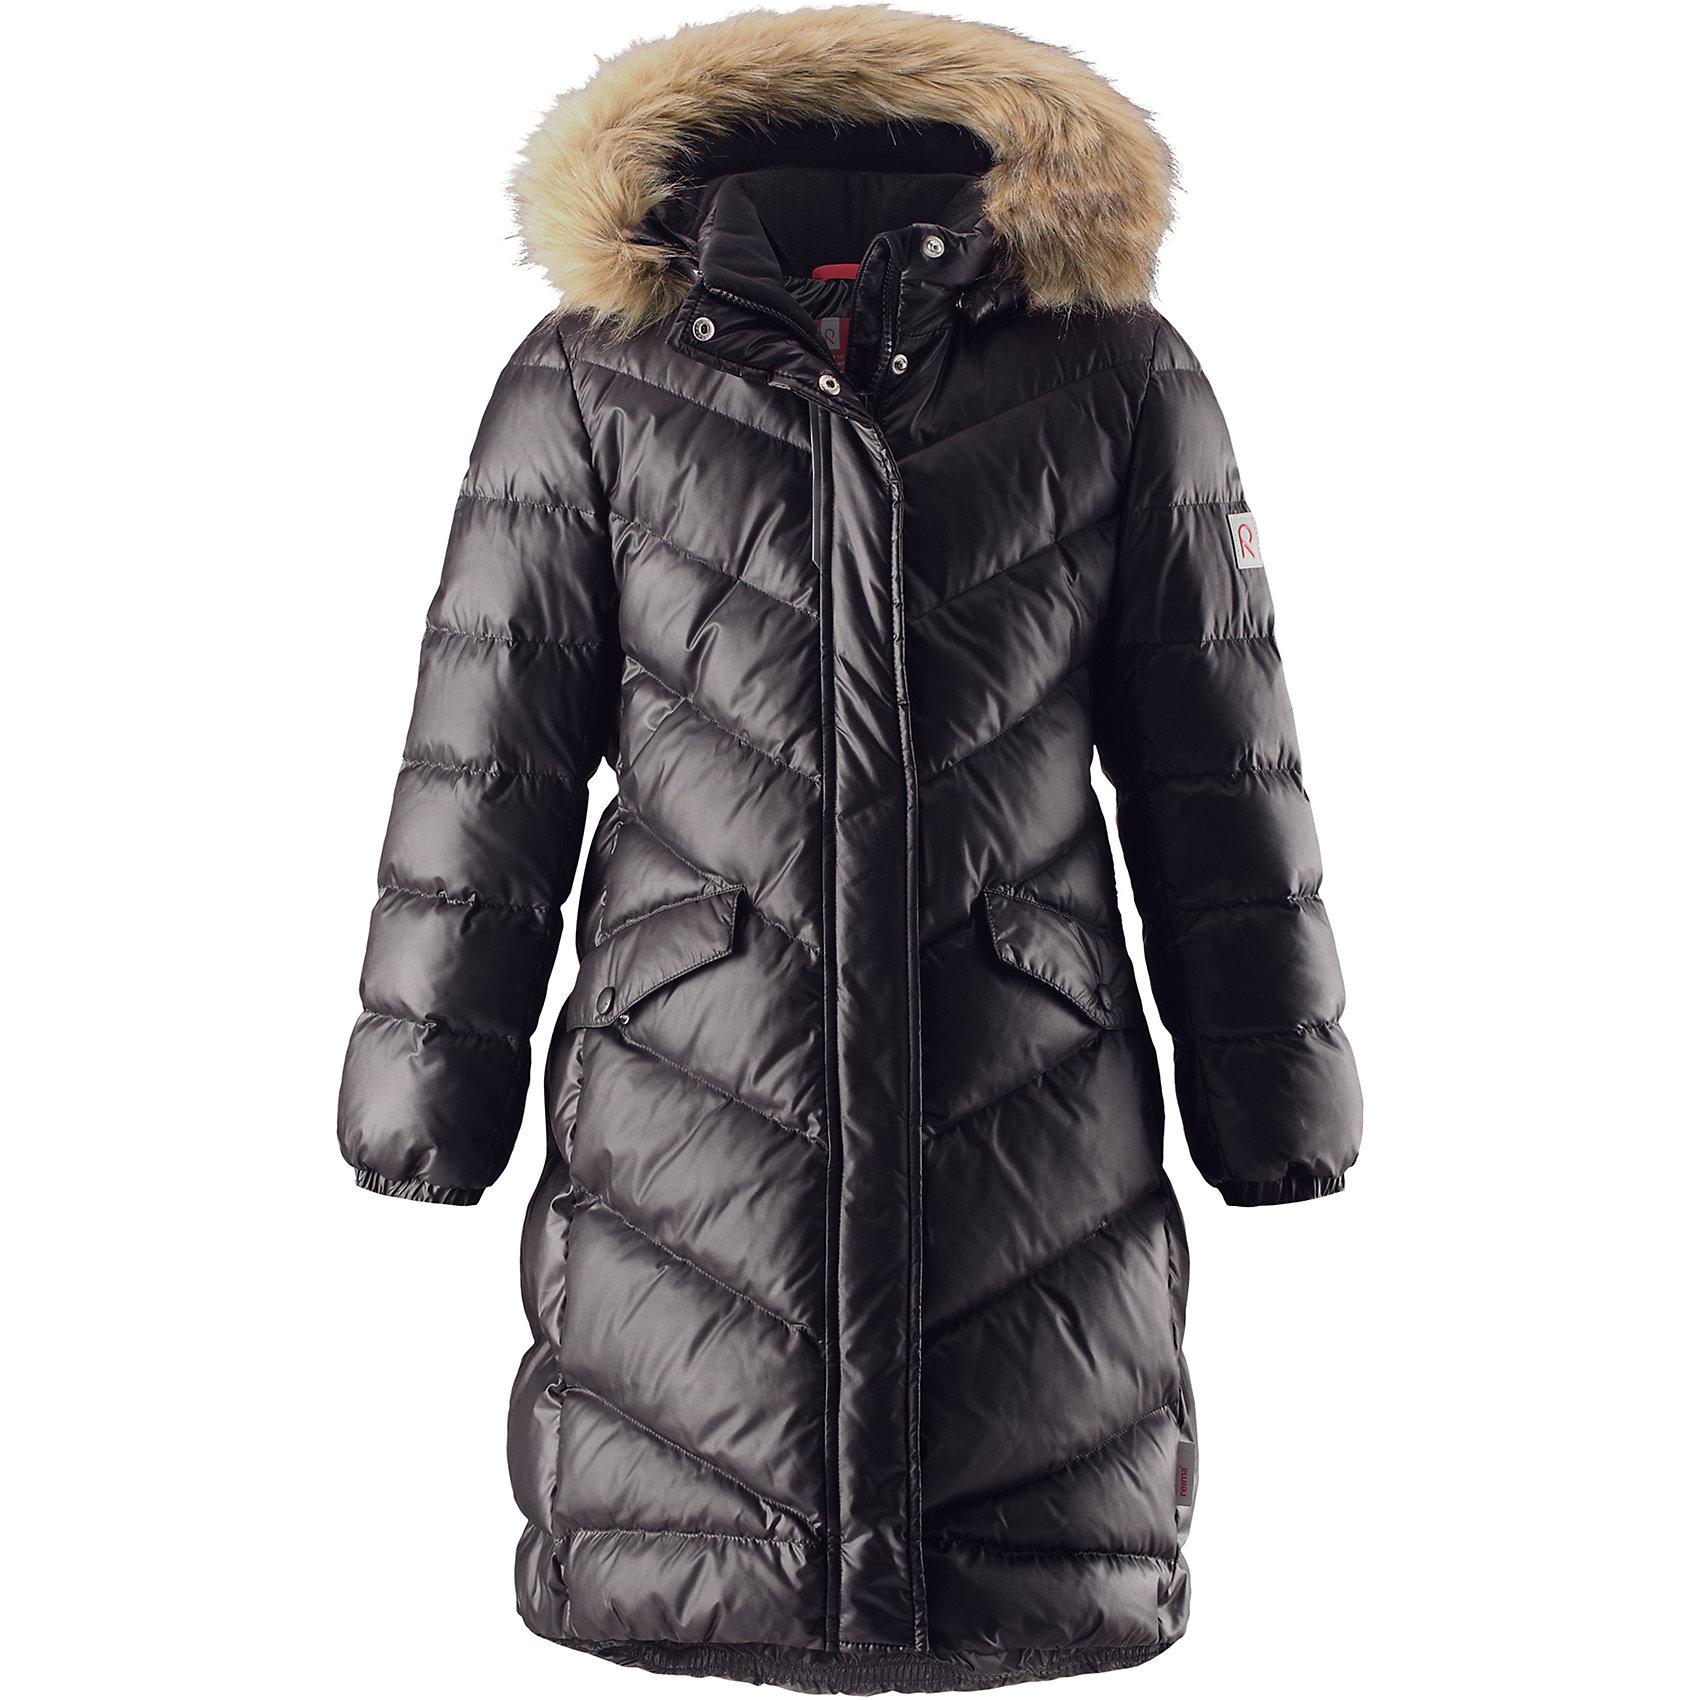 Куртка Satu Reimatec® Reima для девочкиВерхняя одежда<br>Эта превосходная, очень теплая зимняя куртка будет модно смотреться на прогулке по городу! У этой пуховой куртки для подростков очень красивый приталенный и удлиненный силуэт – специально для девочек. Куртка изготовлена из водоотталкивающего и дышащего, ветронепроницаемого материала, в ней вашей зимней принцессе будет тепло и уютно в морозный день. Благодаря гладкому полиэстеру на подкладке куртка легко надевается, а удобная двусторонняя молния превратит одевание в веселую игру. <br><br>Эластичный поясок на спинке придает этой модной куртке красивый силуэт. Куртка снабжена безопасным съемным капюшоном со стильной съемной отделкой из искусственного меха. Обратите внимание на удобную петельку, спрятанную в кармане с клапаном – к ней можно прикрепить любимый светоотражатель ребенка для обеспечения безопасности и лучшей видимости.<br>Состав:<br>100% Полиэстер<br><br>Ширина мм: 356<br>Глубина мм: 10<br>Высота мм: 245<br>Вес г: 519<br>Цвет: черный<br>Возраст от месяцев: 156<br>Возраст до месяцев: 168<br>Пол: Женский<br>Возраст: Детский<br>Размер: 164,104,110,116,122,128,134,140,146,152,158<br>SKU: 6903933